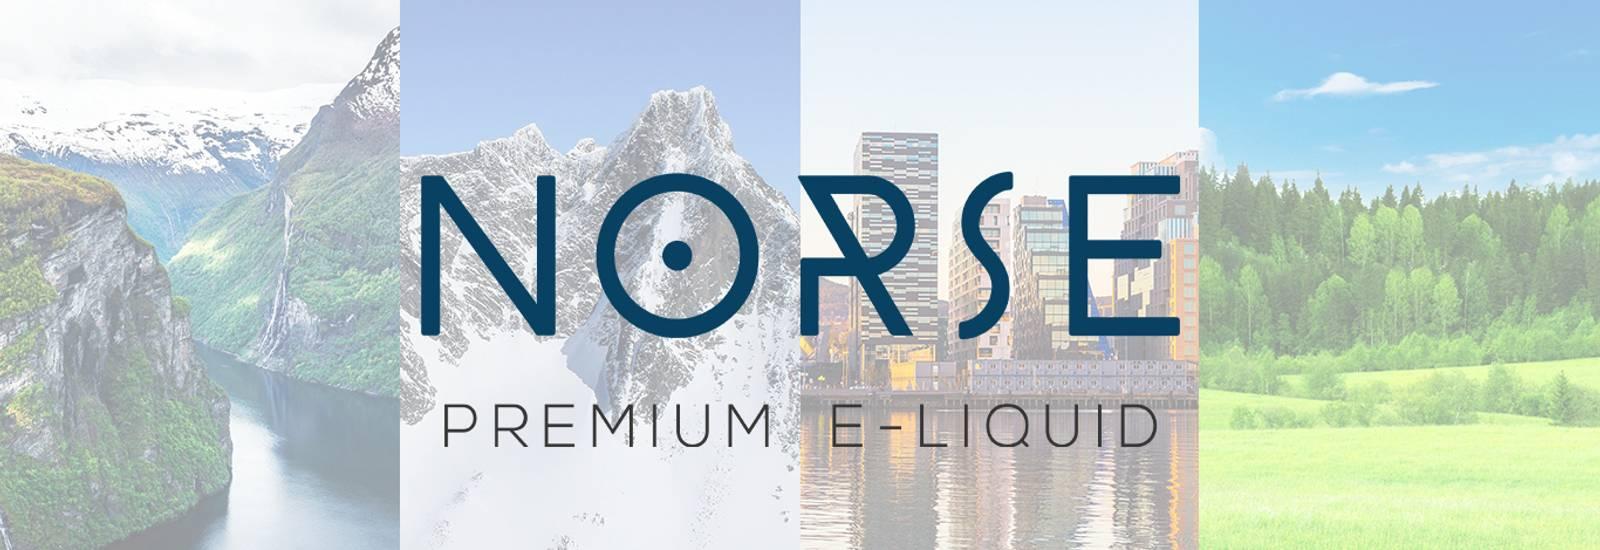 Norse e-juice